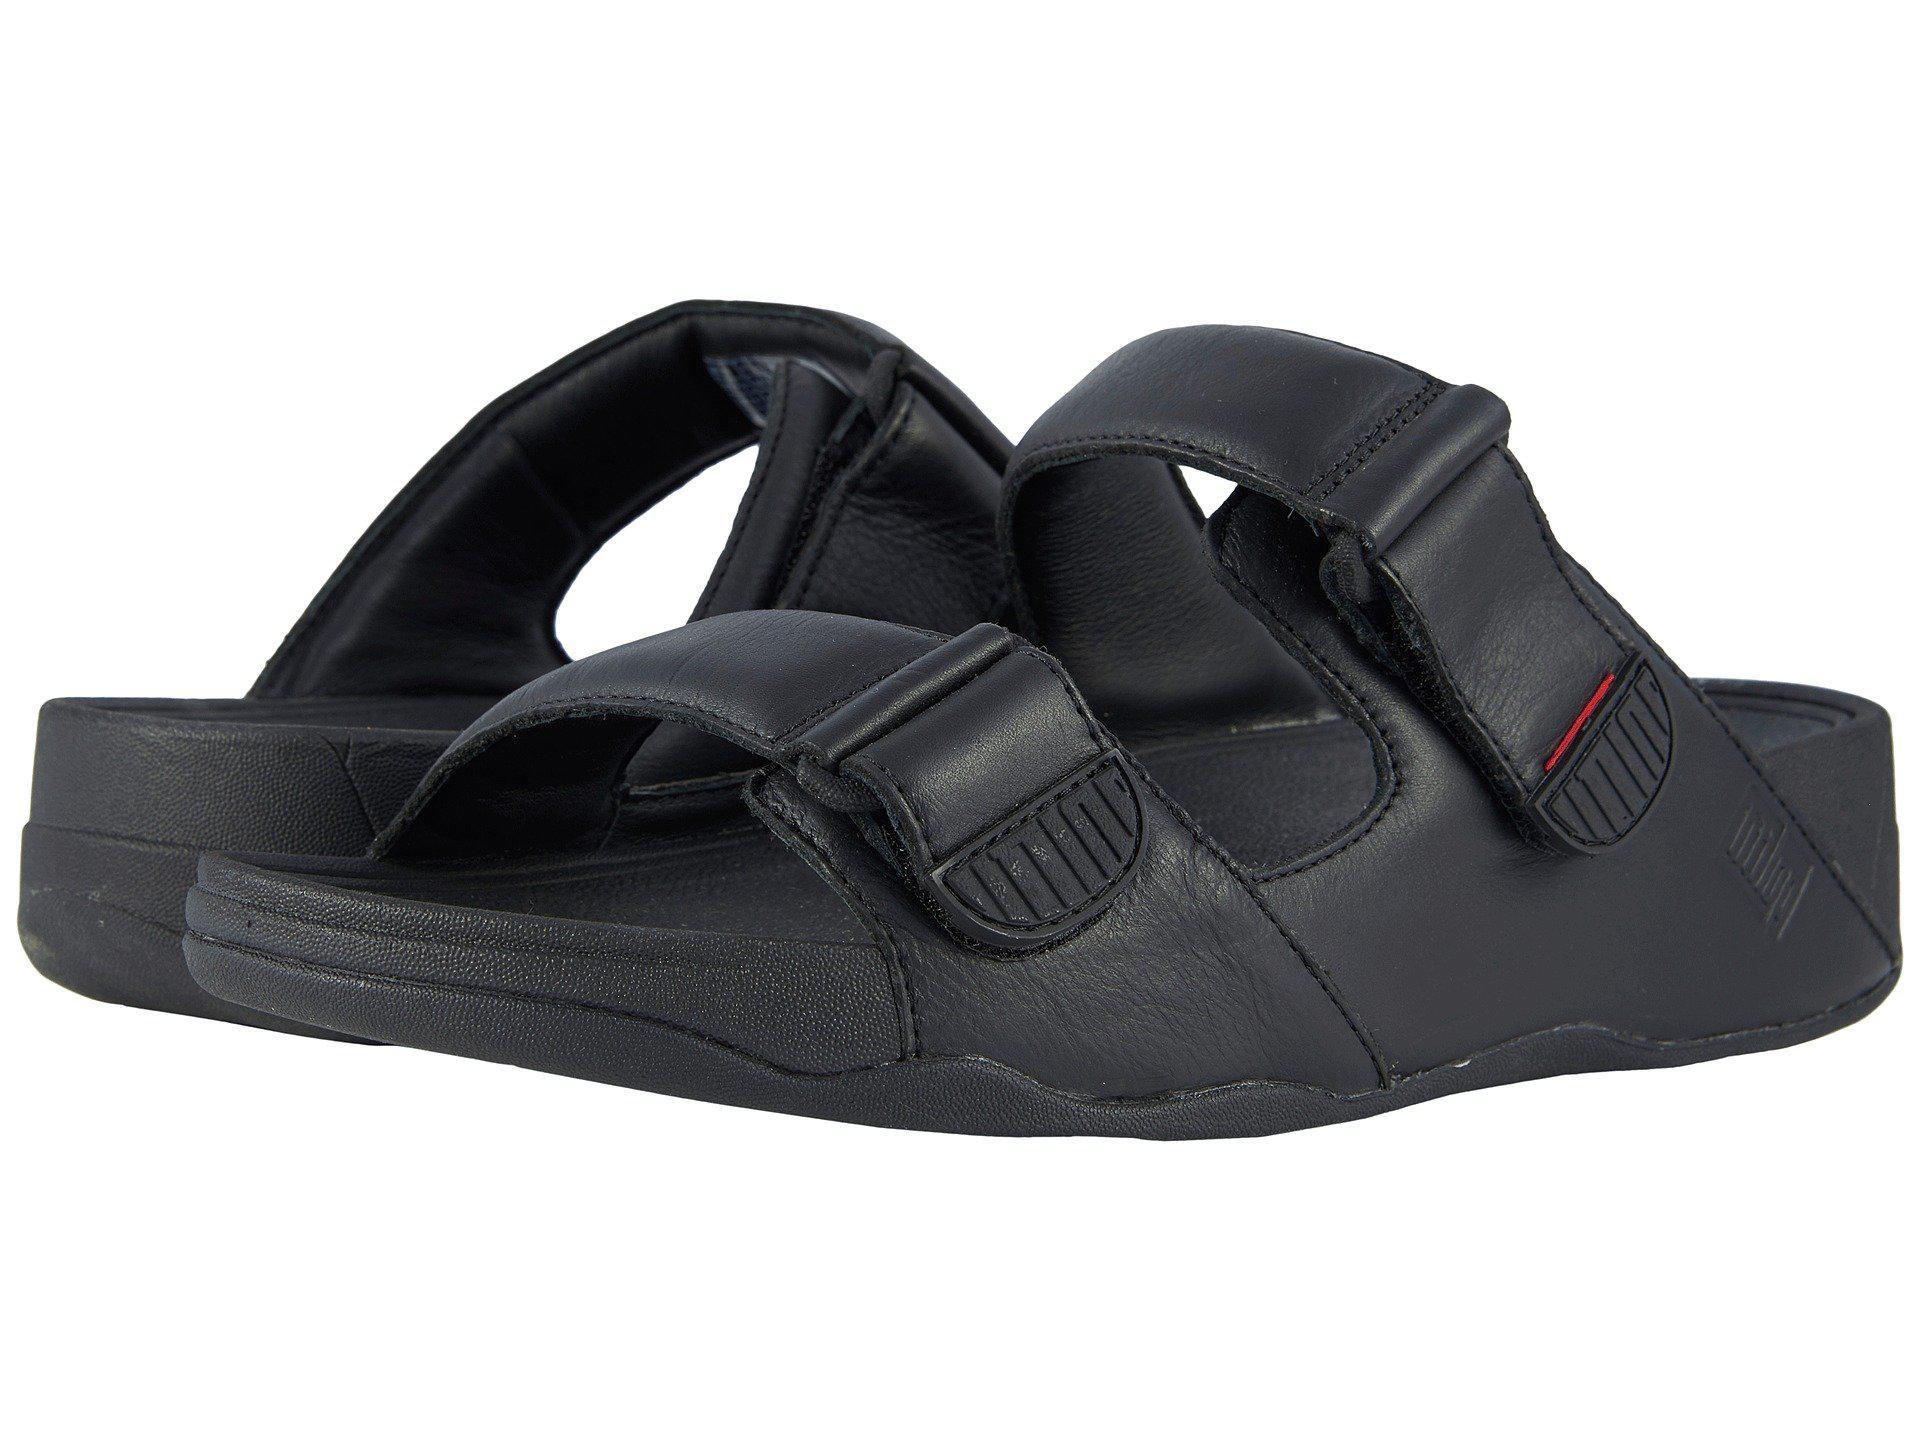 2119d7308637 Lyst - Fitflop Gogh Moc Slide (black) Men s Sandals in Black for Men